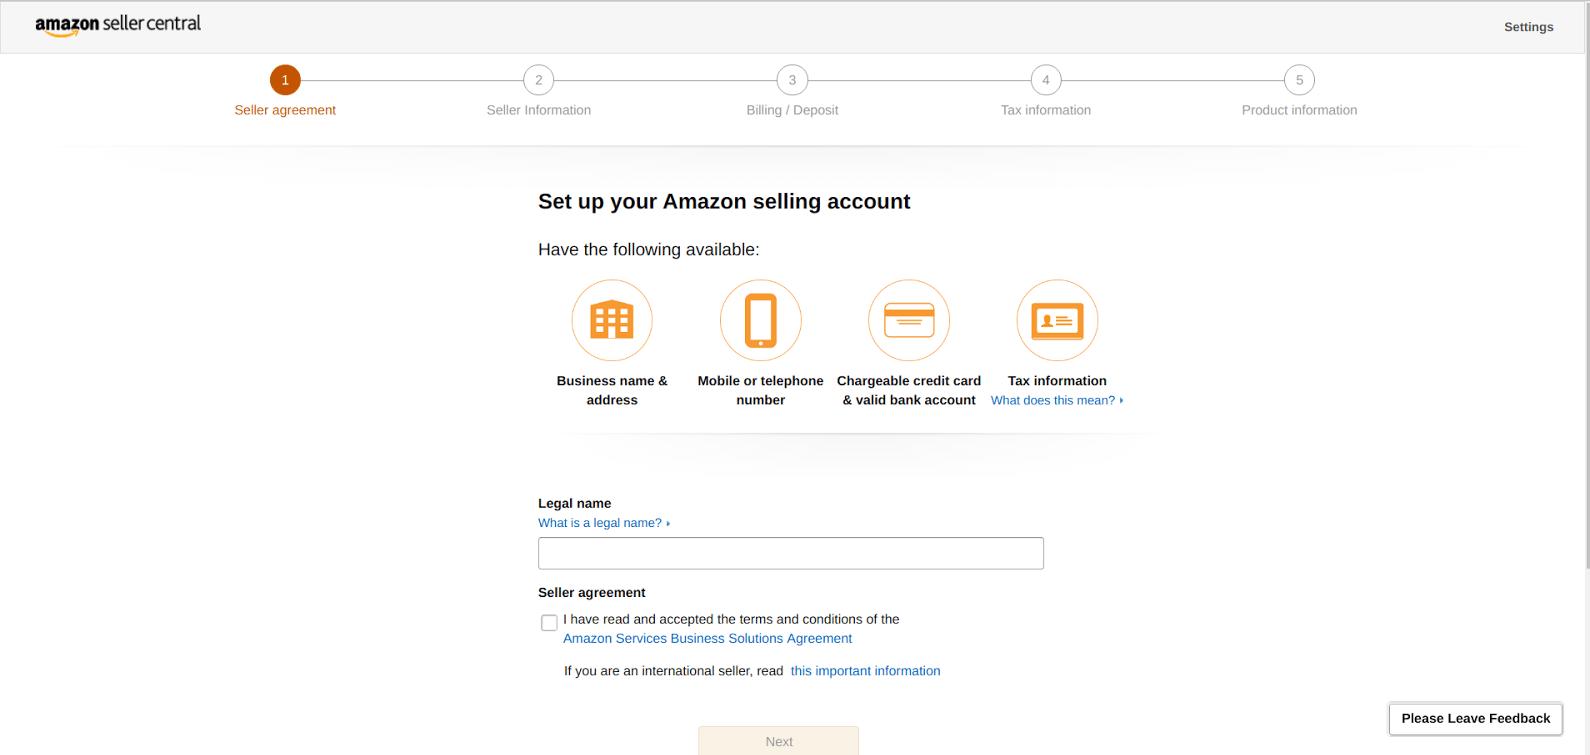 Amazon vs Walmart - getting set up on Amazon is easier